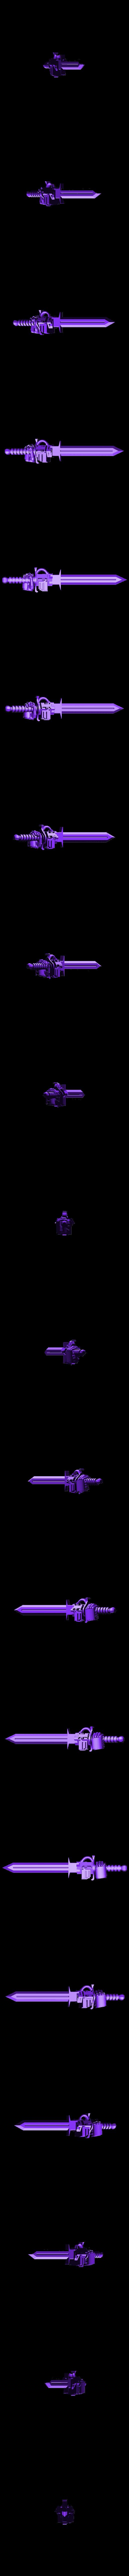 Greatsword R.stl Télécharger fichier STL gratuit L'équipe des Chevaliers gris Primaris • Modèle pour imprimante 3D, joeldawson93